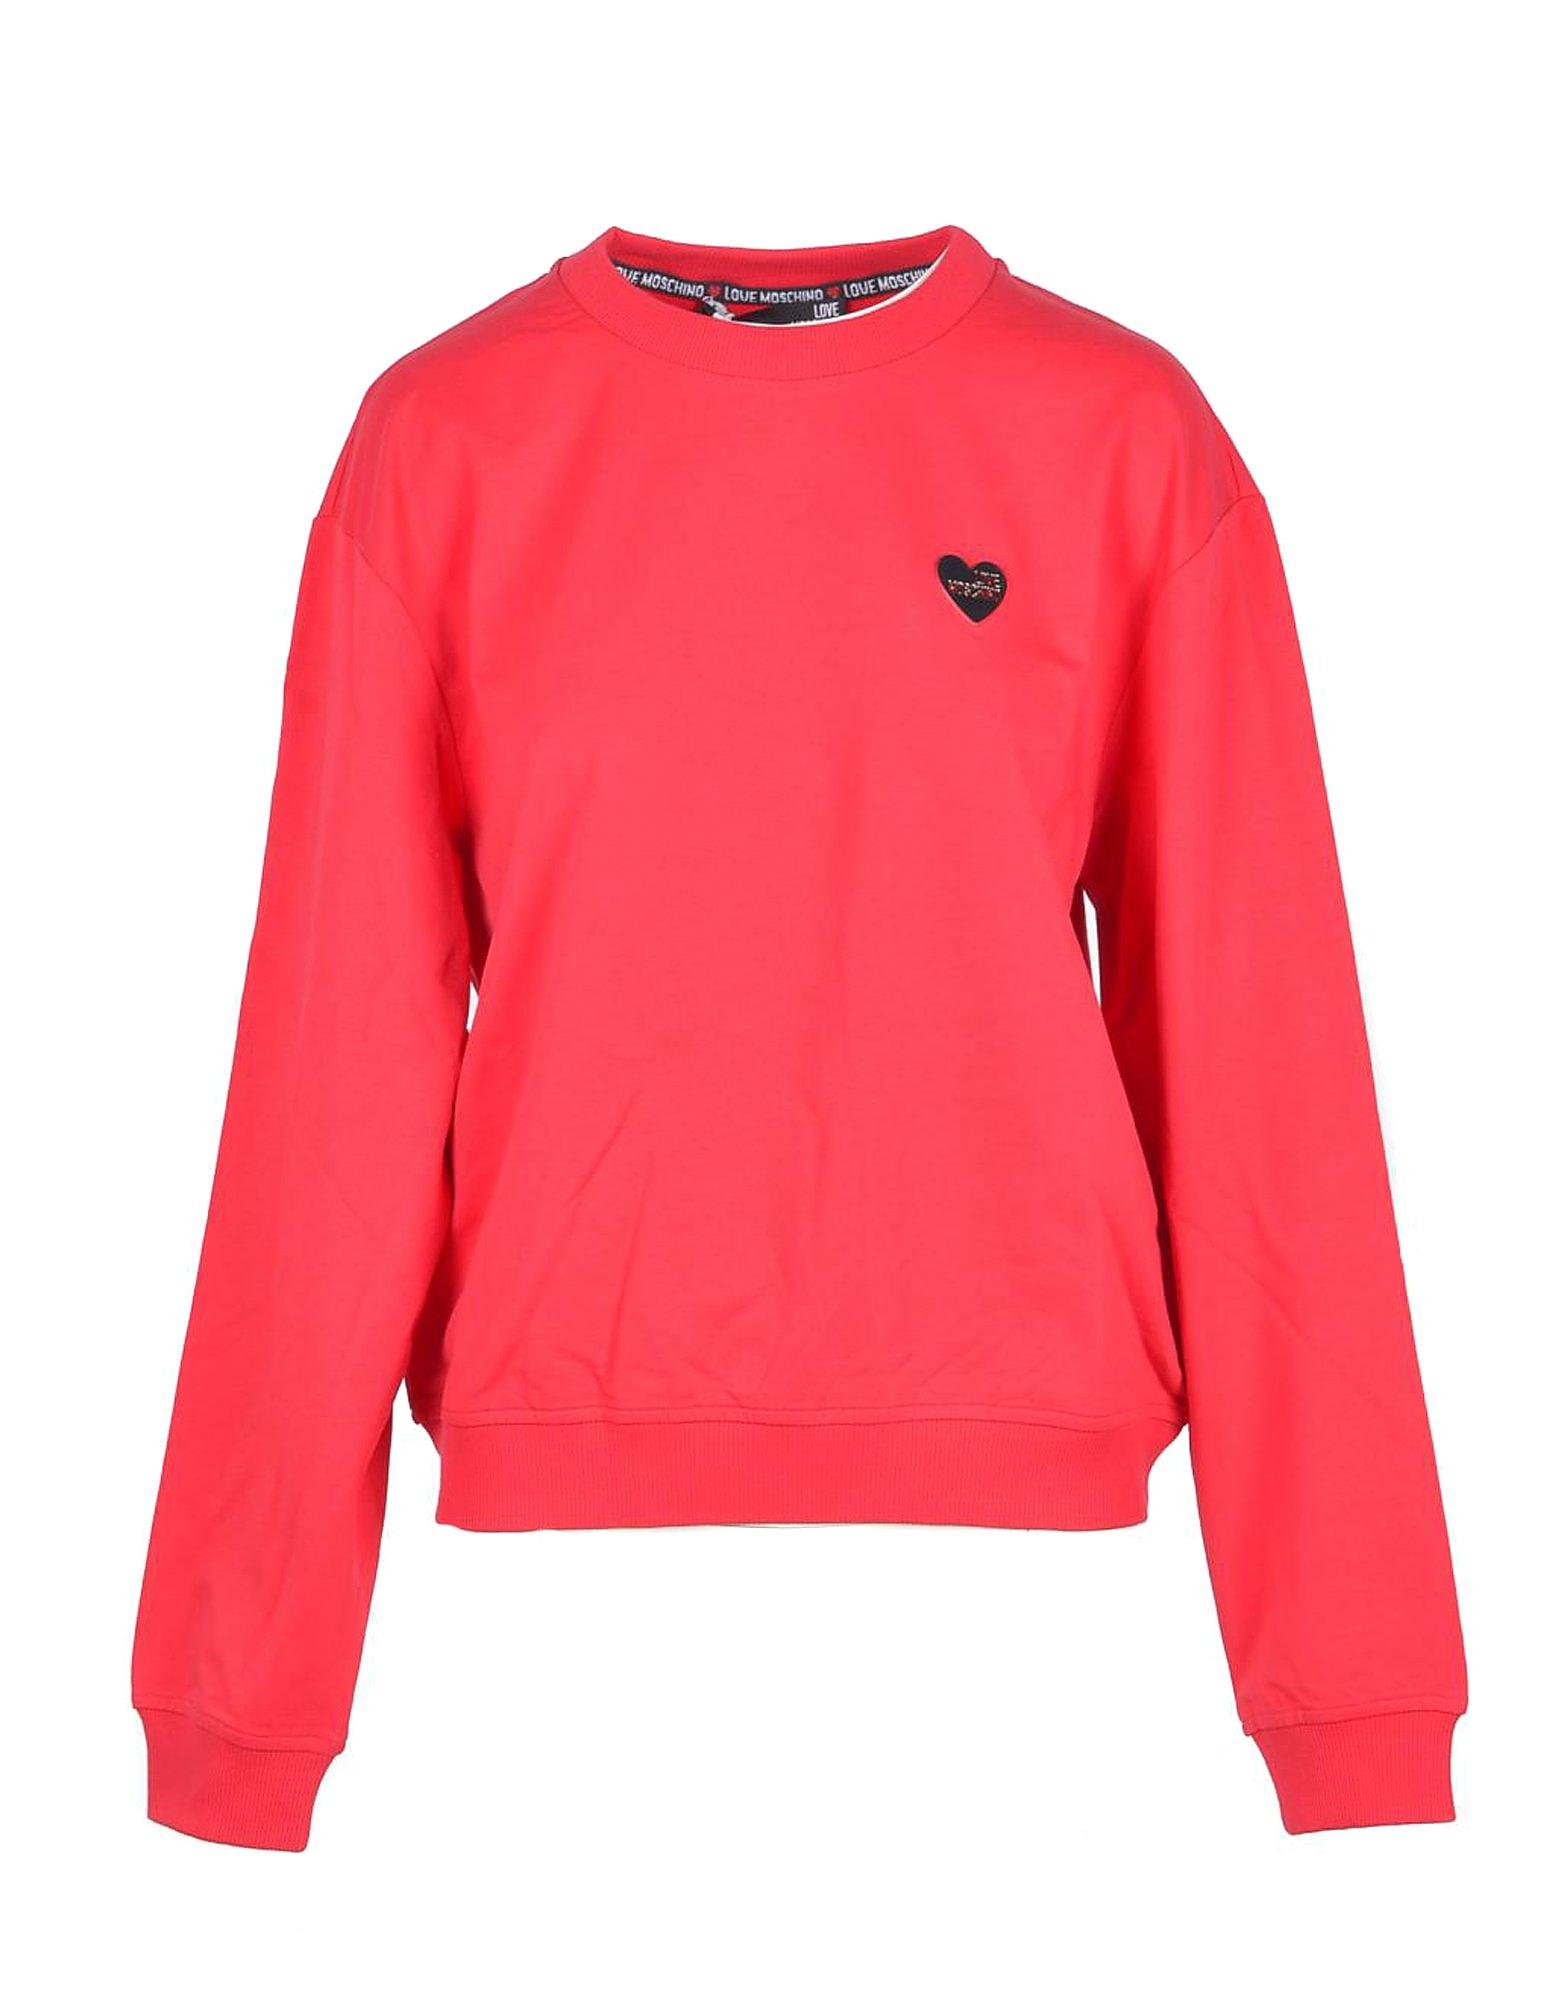 Love Moschino Designer Sweatshirts, Women's Red Sweatshirt